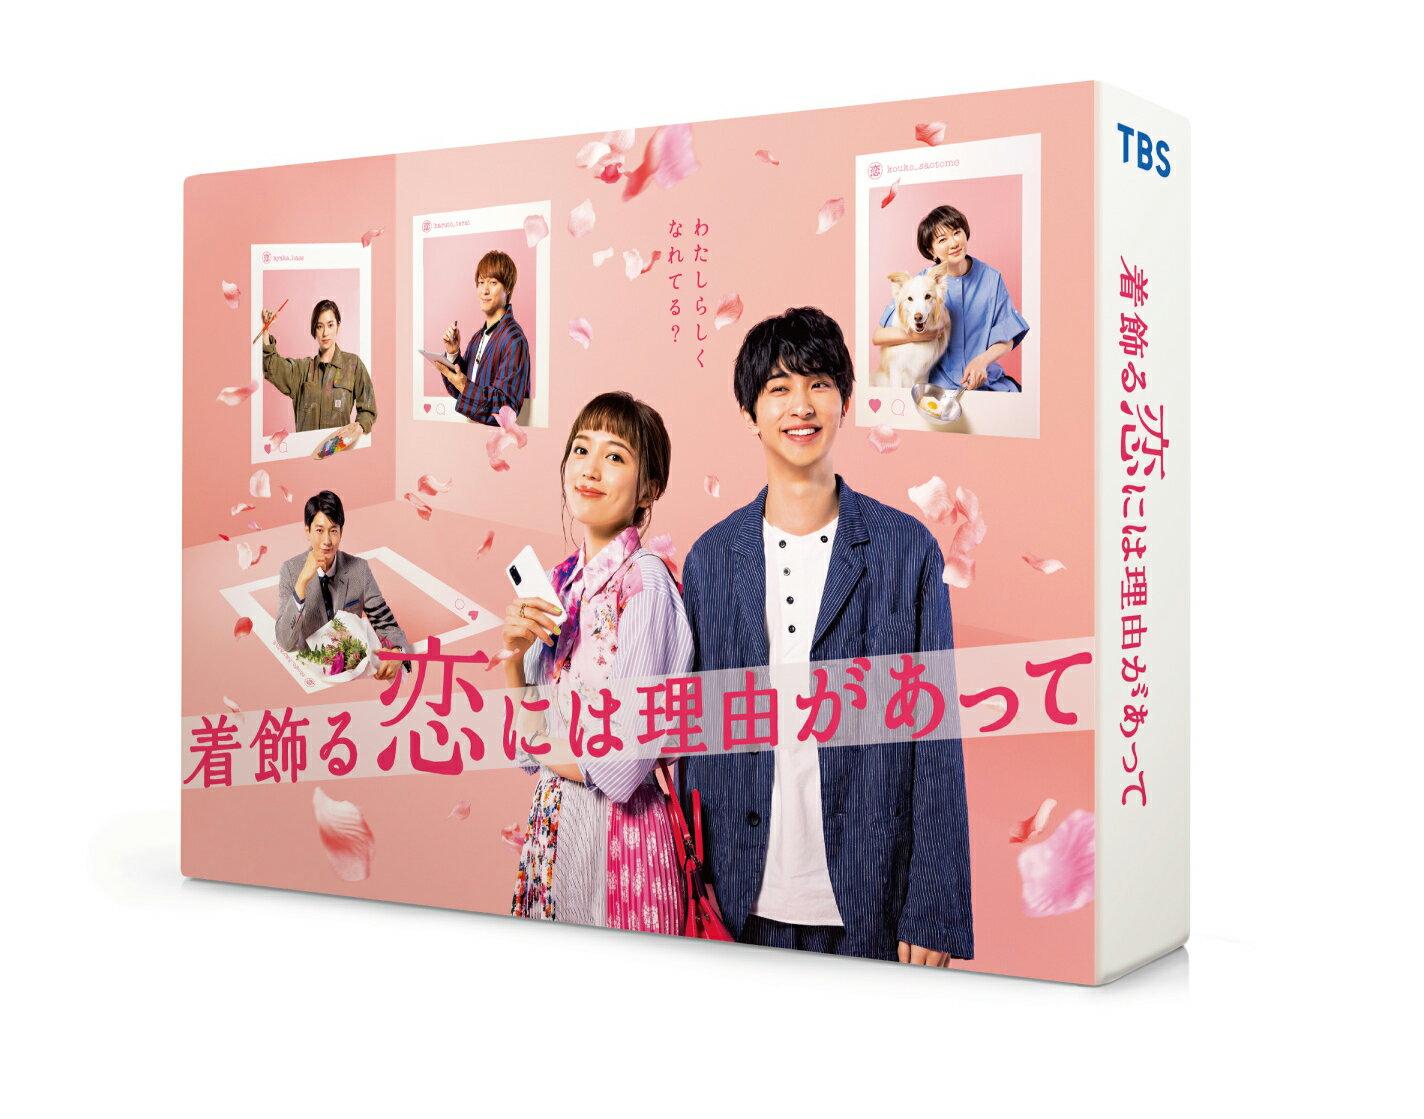 着飾る恋には理由があって DVD-BOX